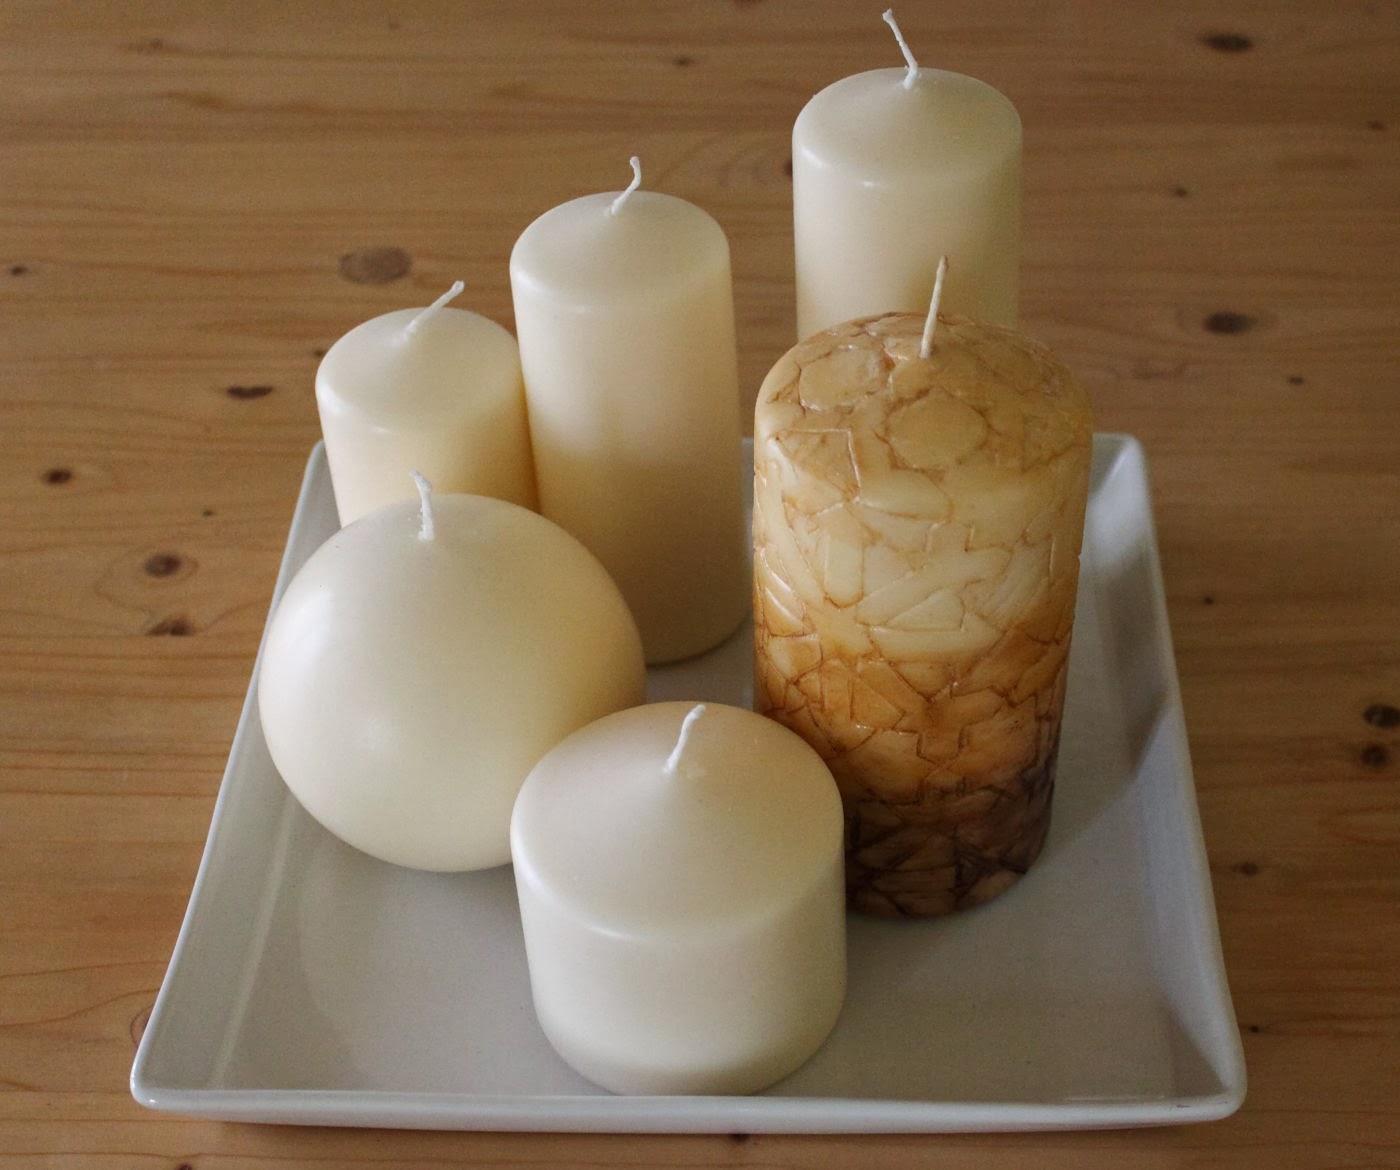 Maisonvive l arte di vivere la casa idee arte e - Decorare casa con candele ...